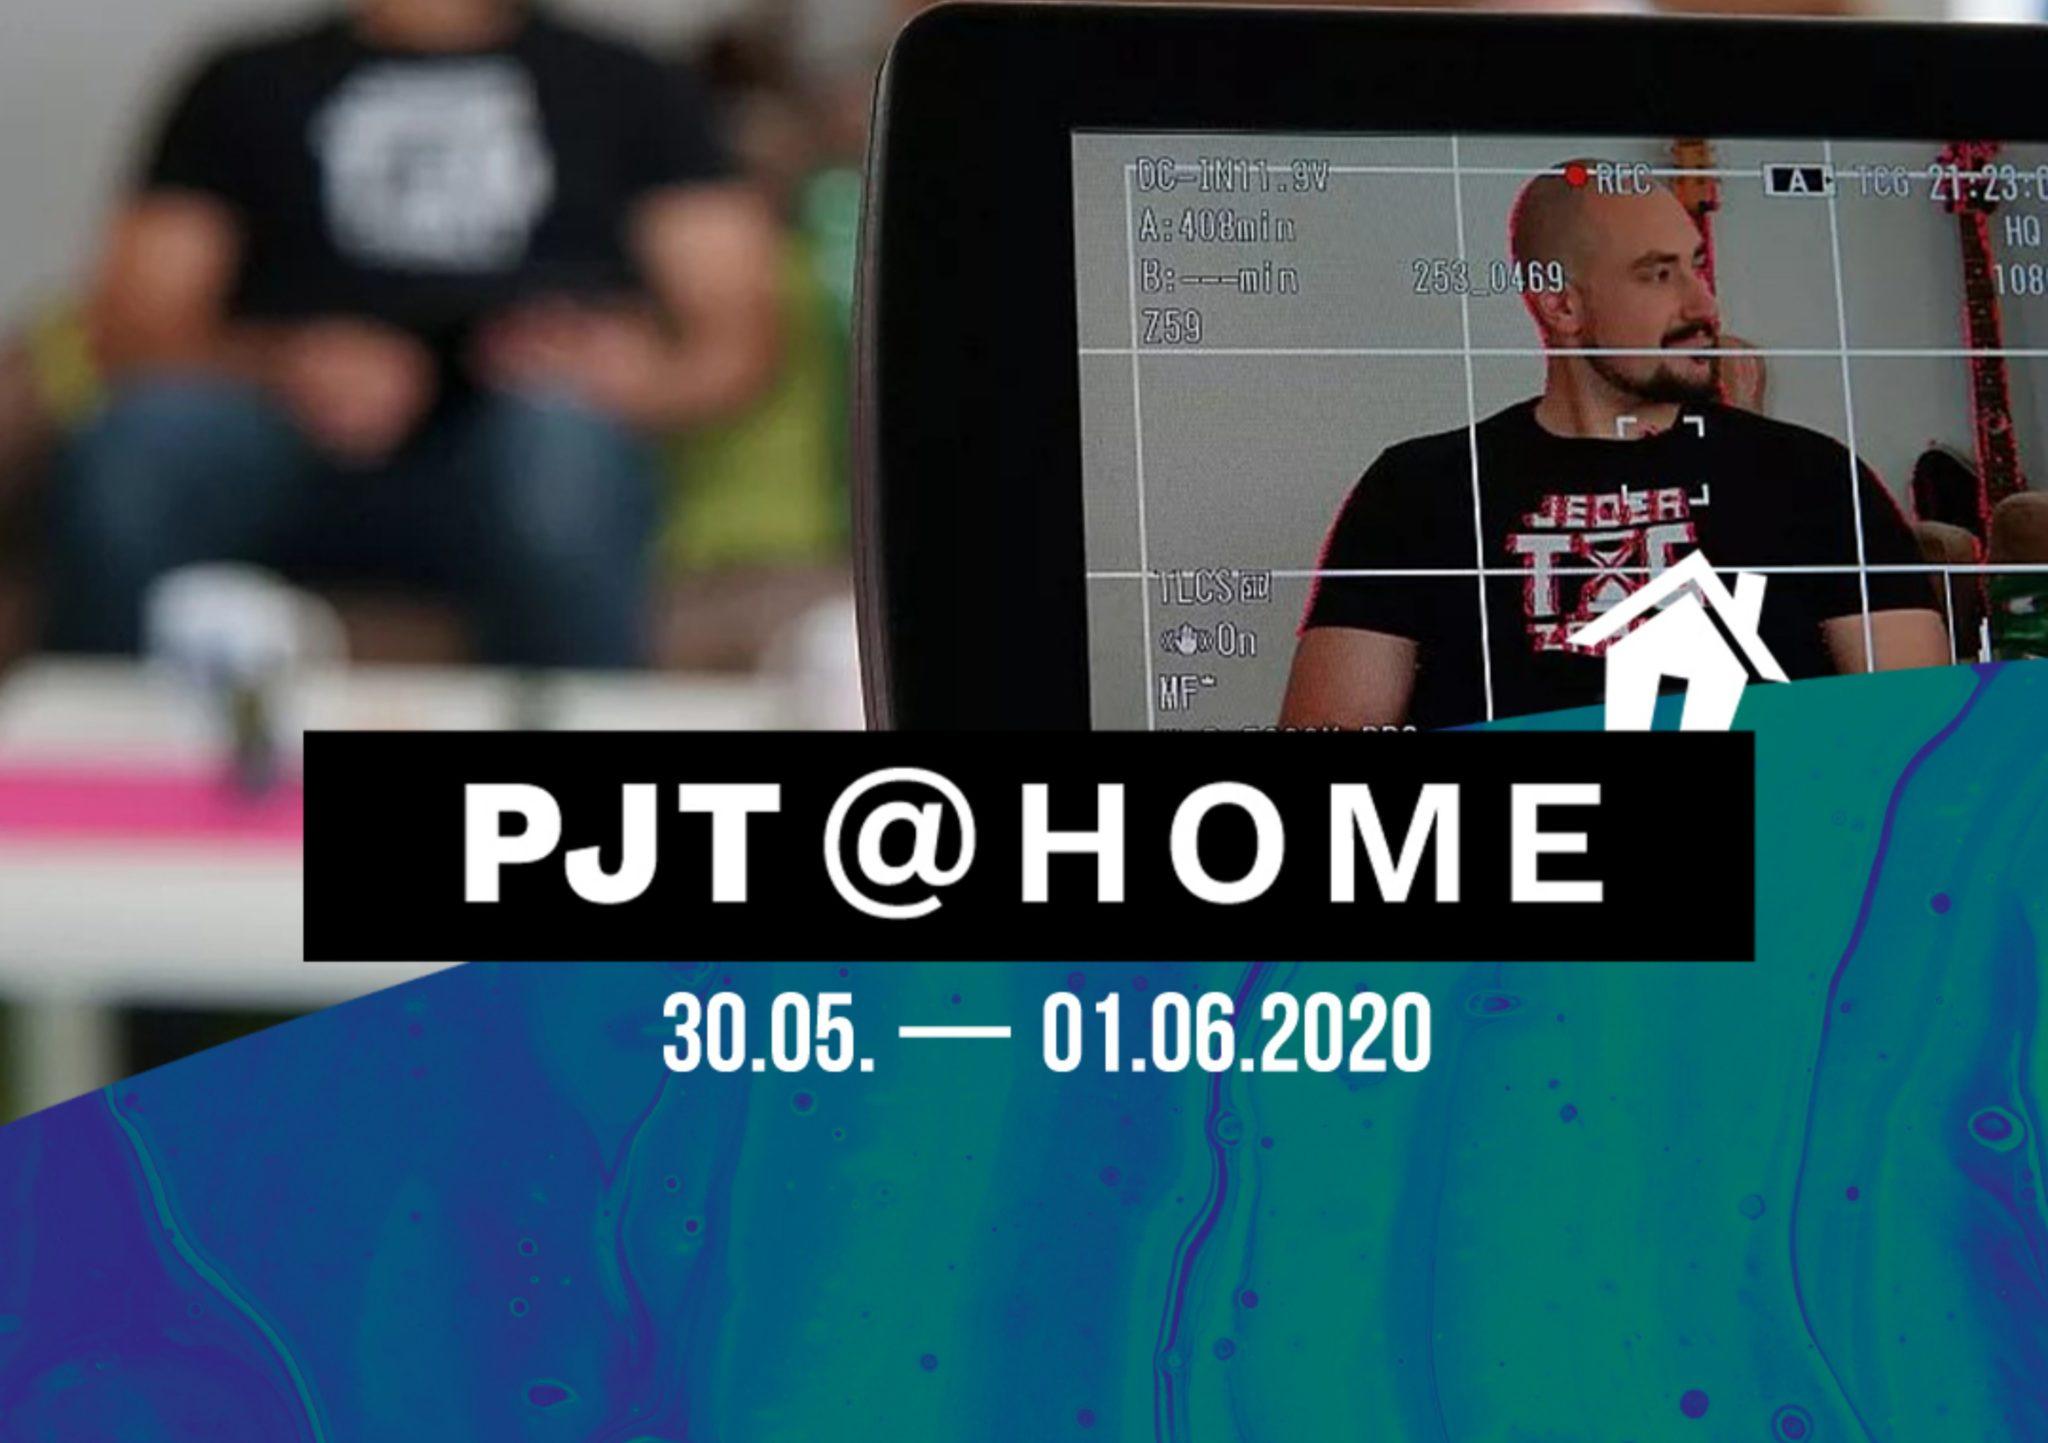 PJT@home